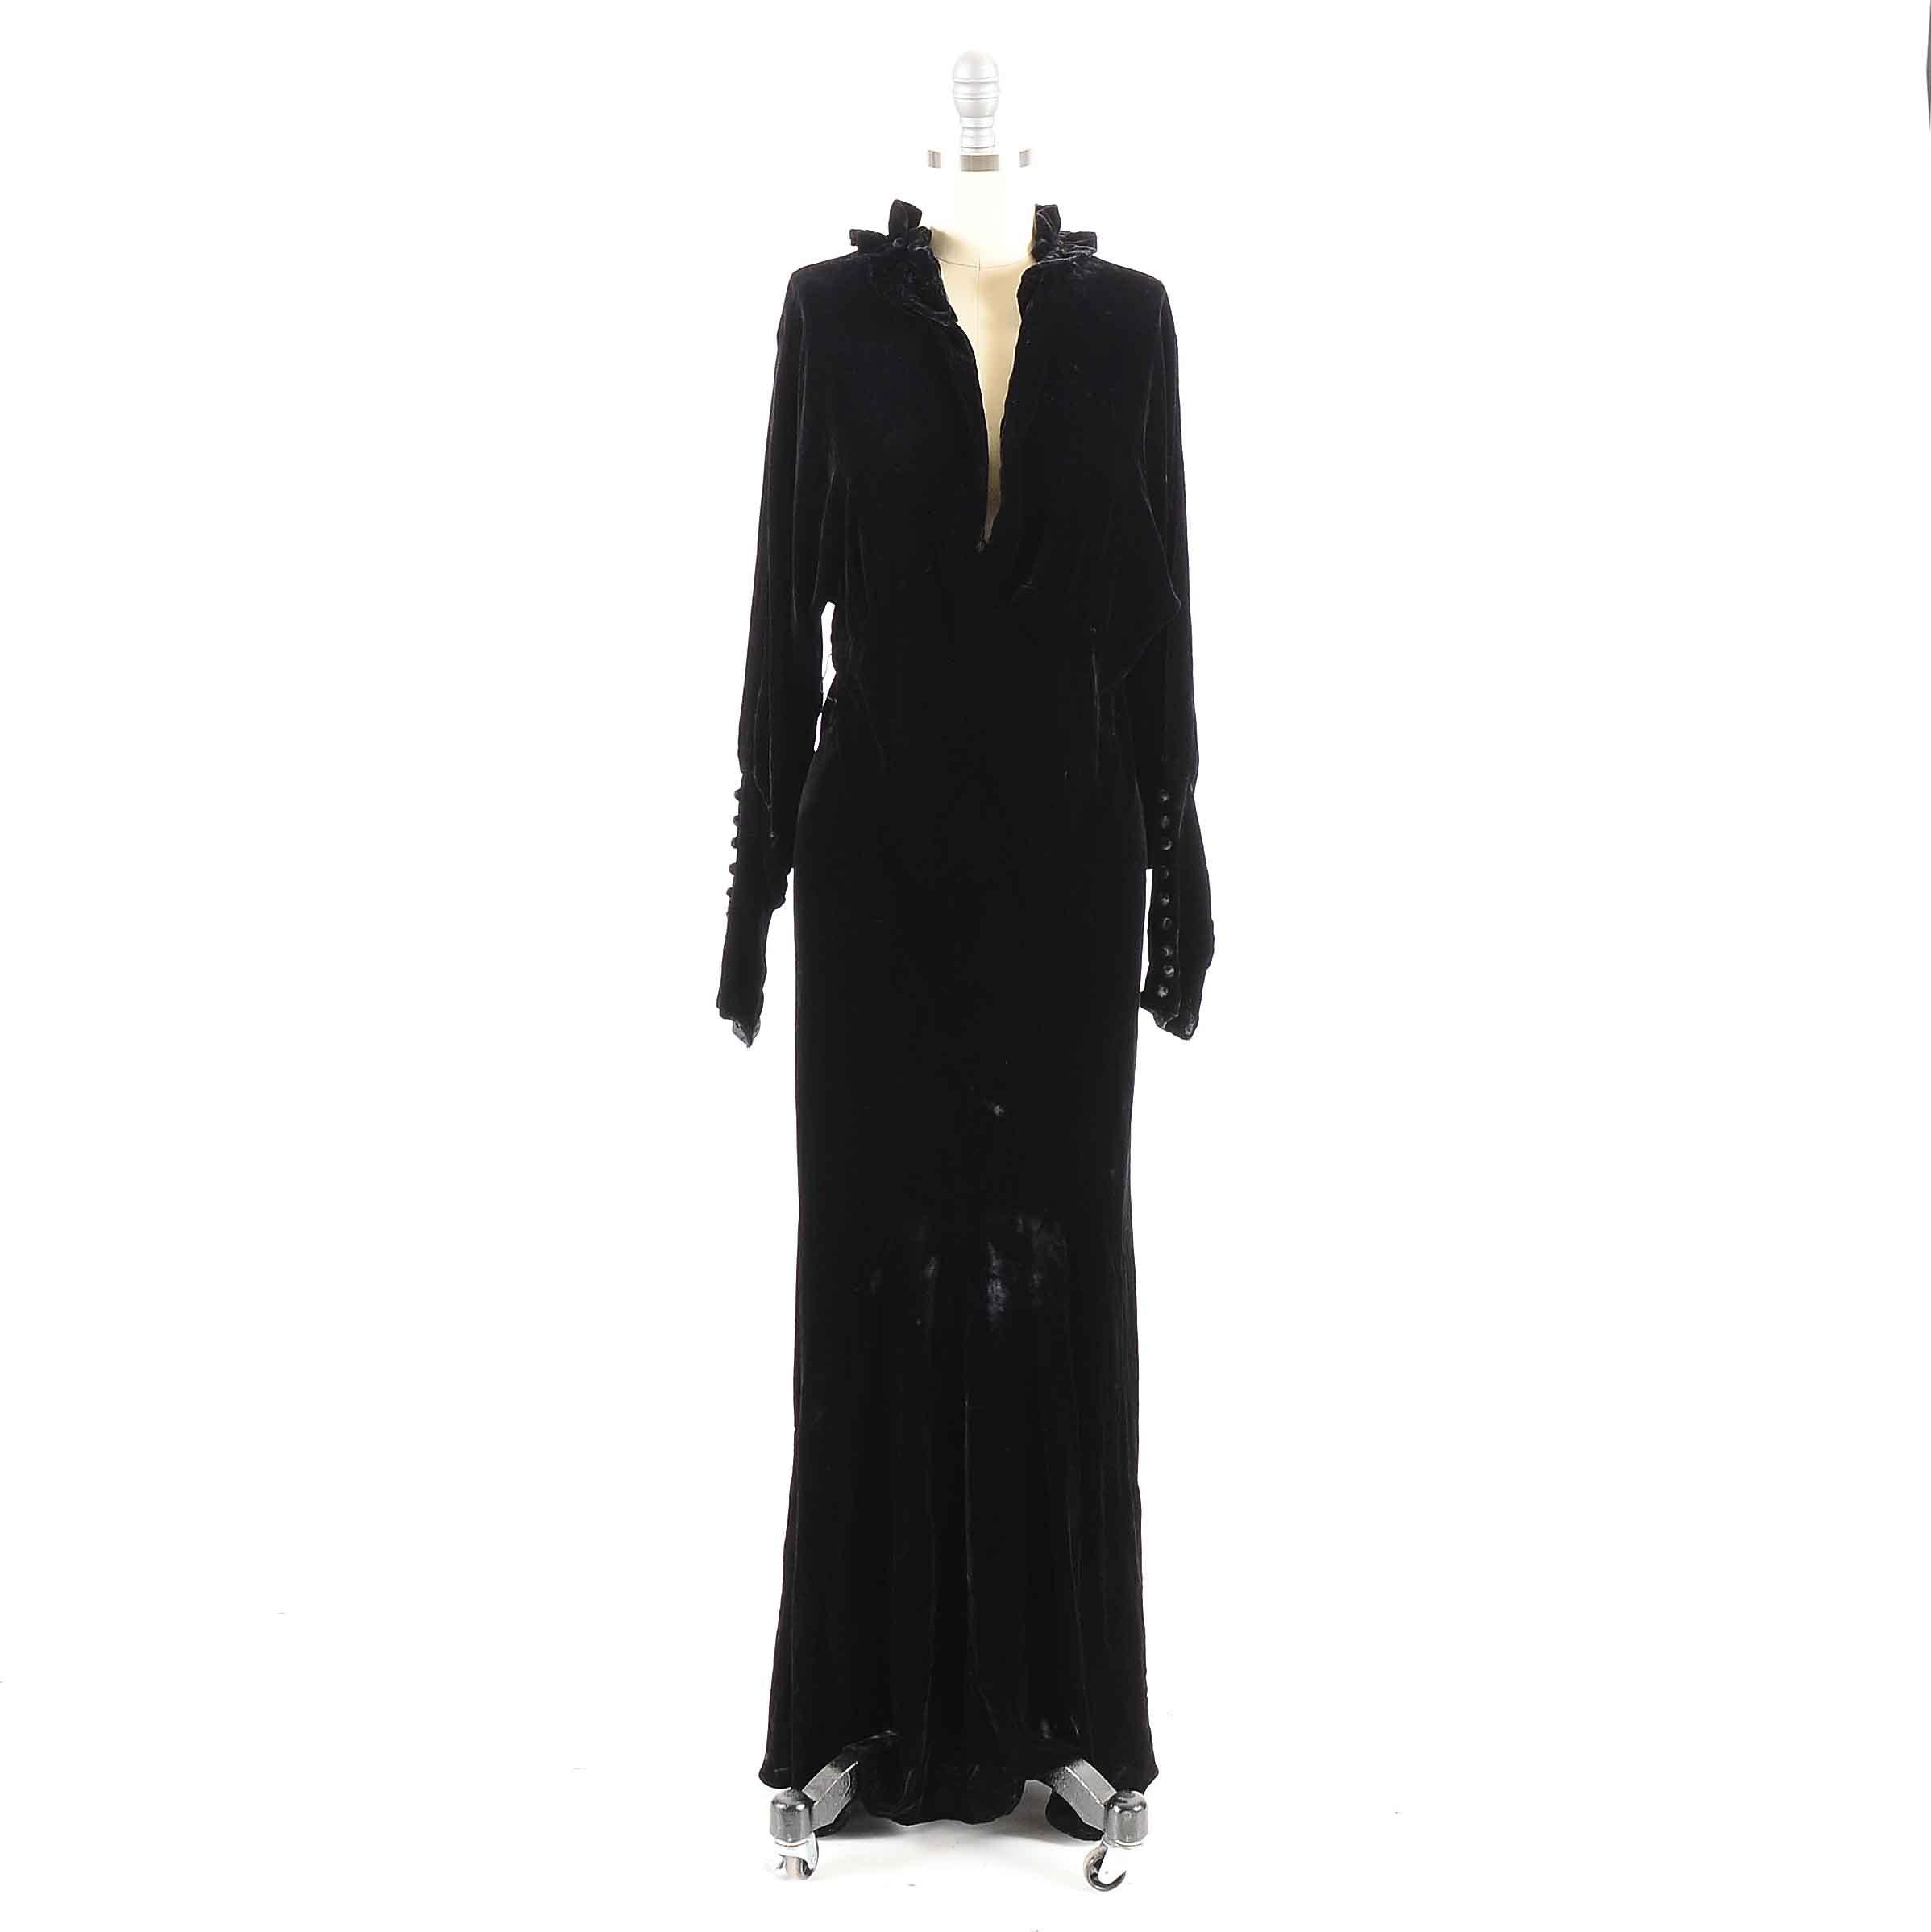 1930s Vintage Black Velvet Dress